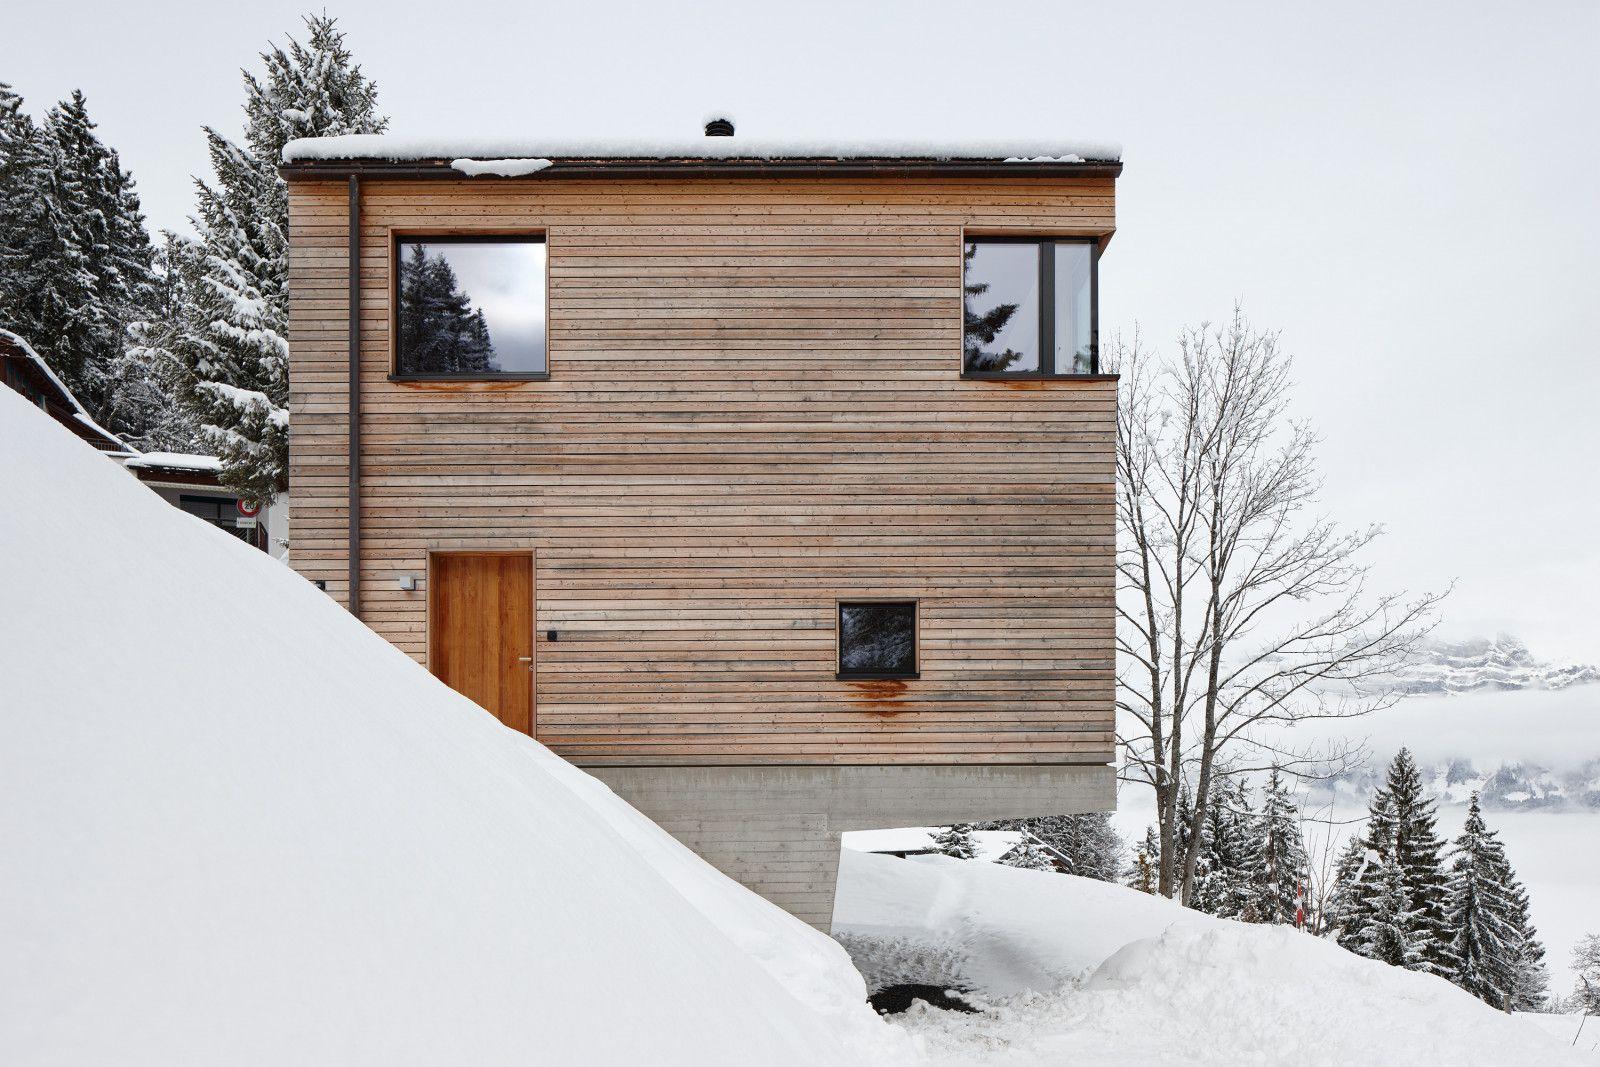 Galli Rudolf   Haus in den Voralpen   Façades   Pinterest